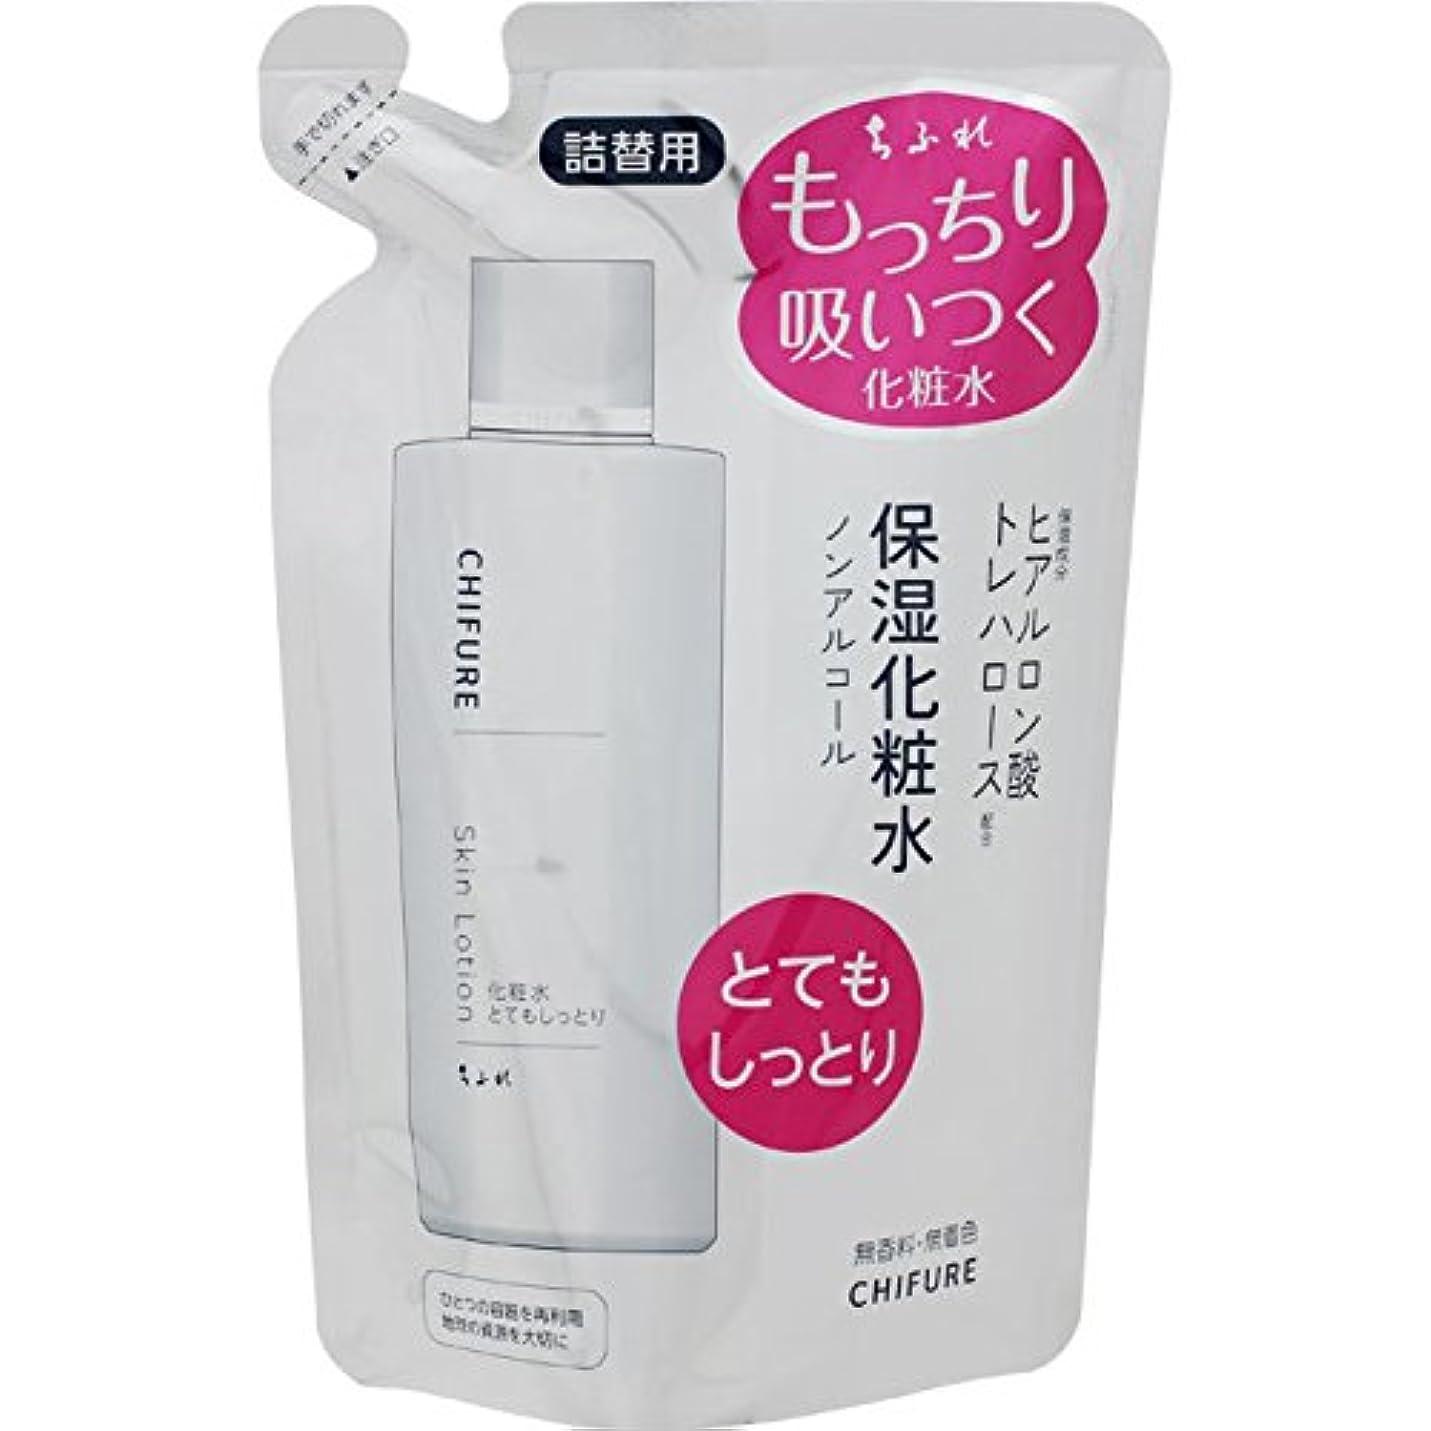 やさしいめったに不良品ちふれ化粧品 化粧水 とてもしっとりタイプ 詰替用 150ML